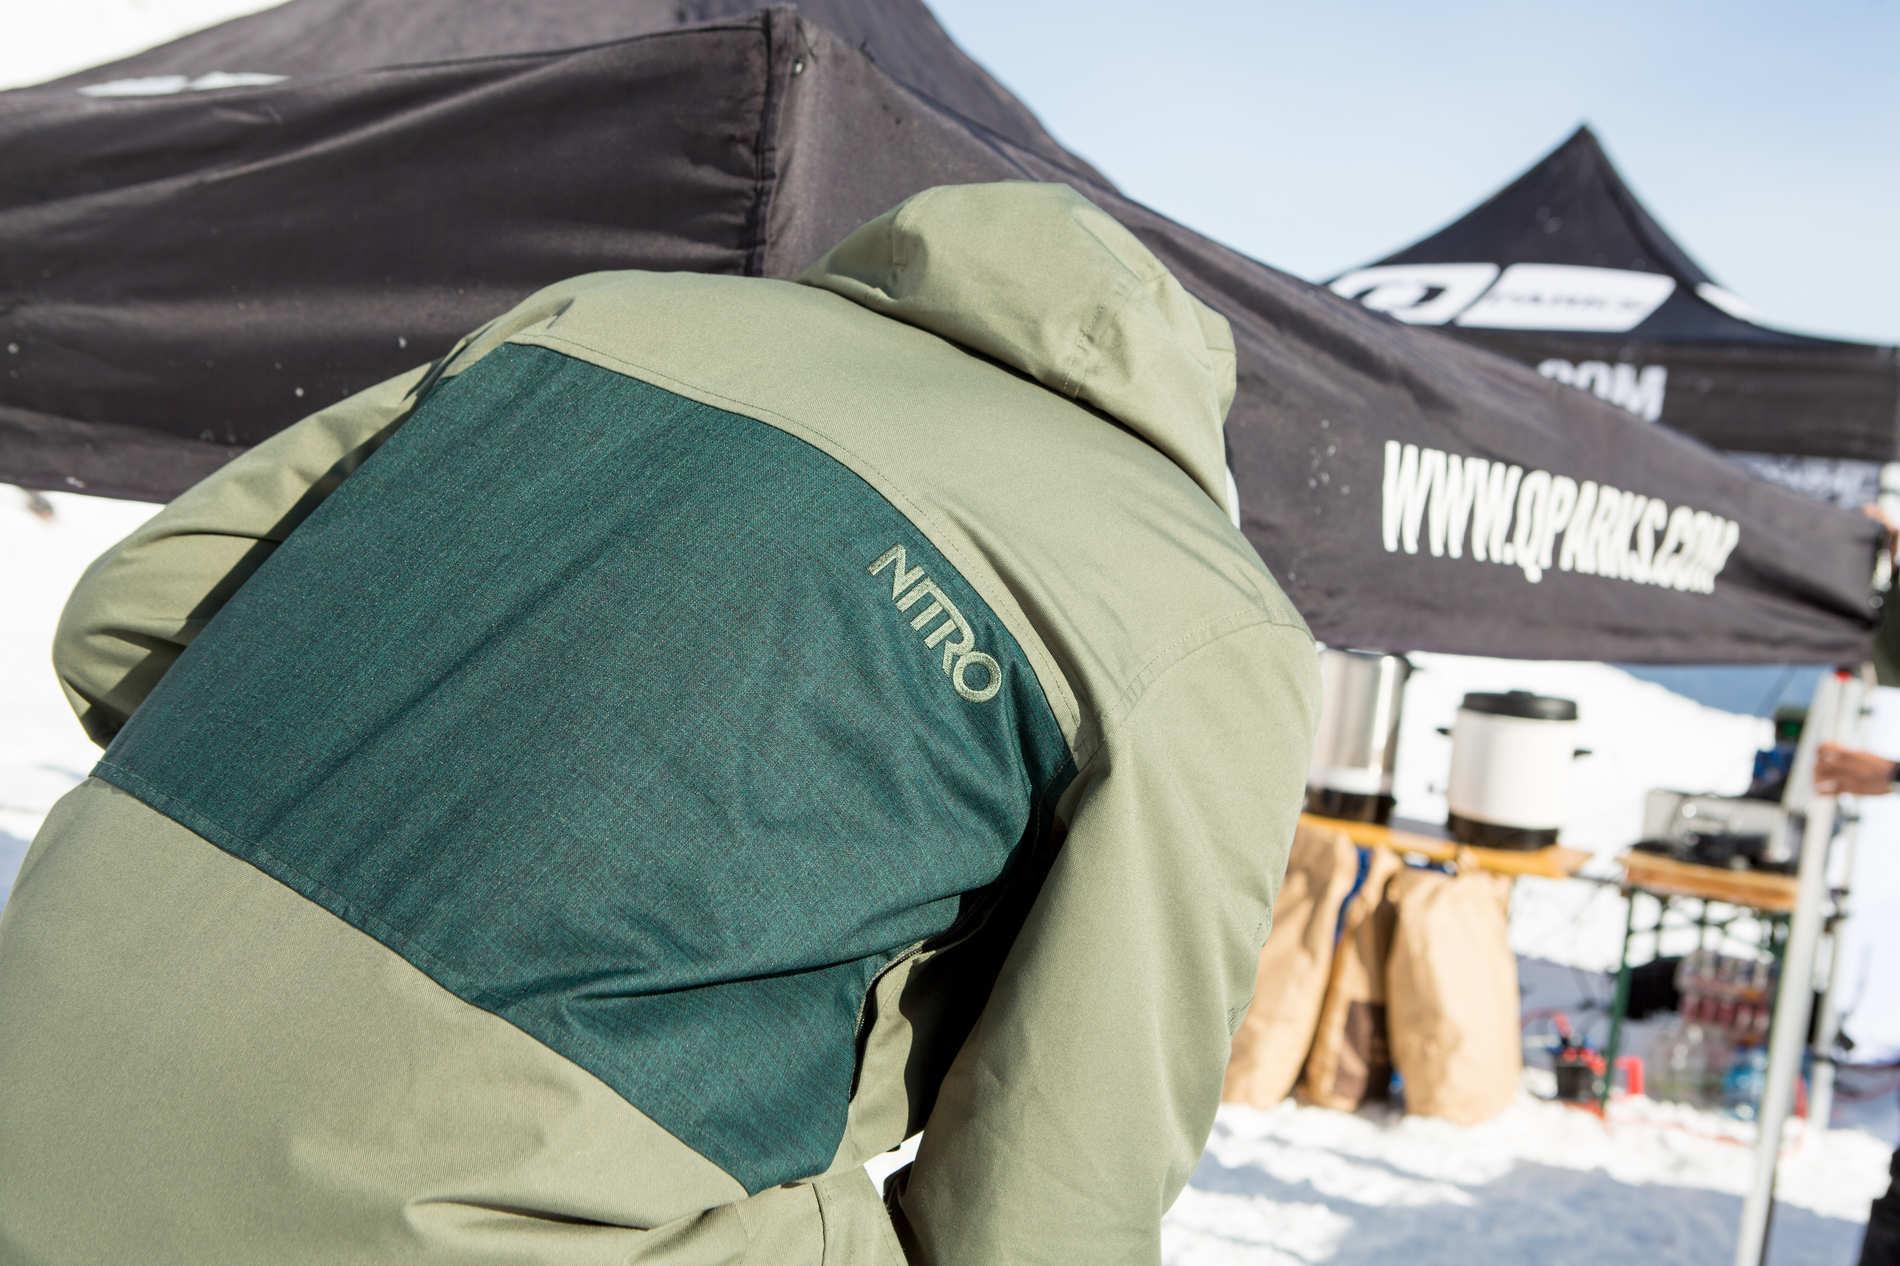 Die Eventcrew beim Aufstellen der QParks-Zelte.